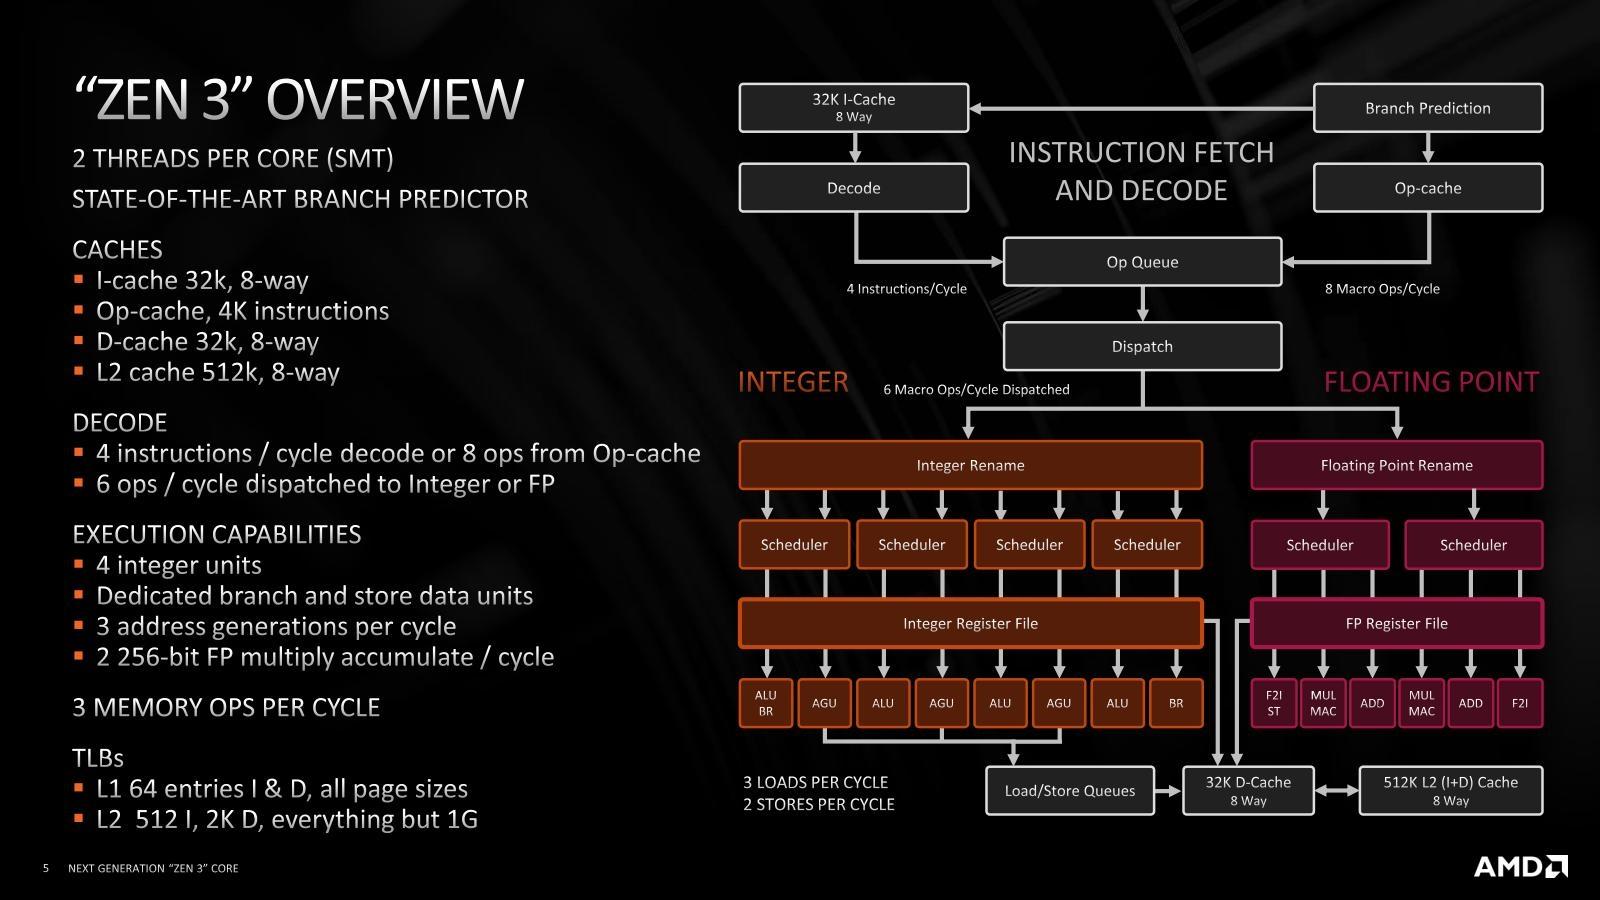 図3●Zen 3コアの処理フロー Zen 2コアに比べてアウト・オブ・オーダーで同時発行できる命令数が増えたり、分岐予測が改良されたりしており、細かな性能改善が多数施されている。(出所:AMD)